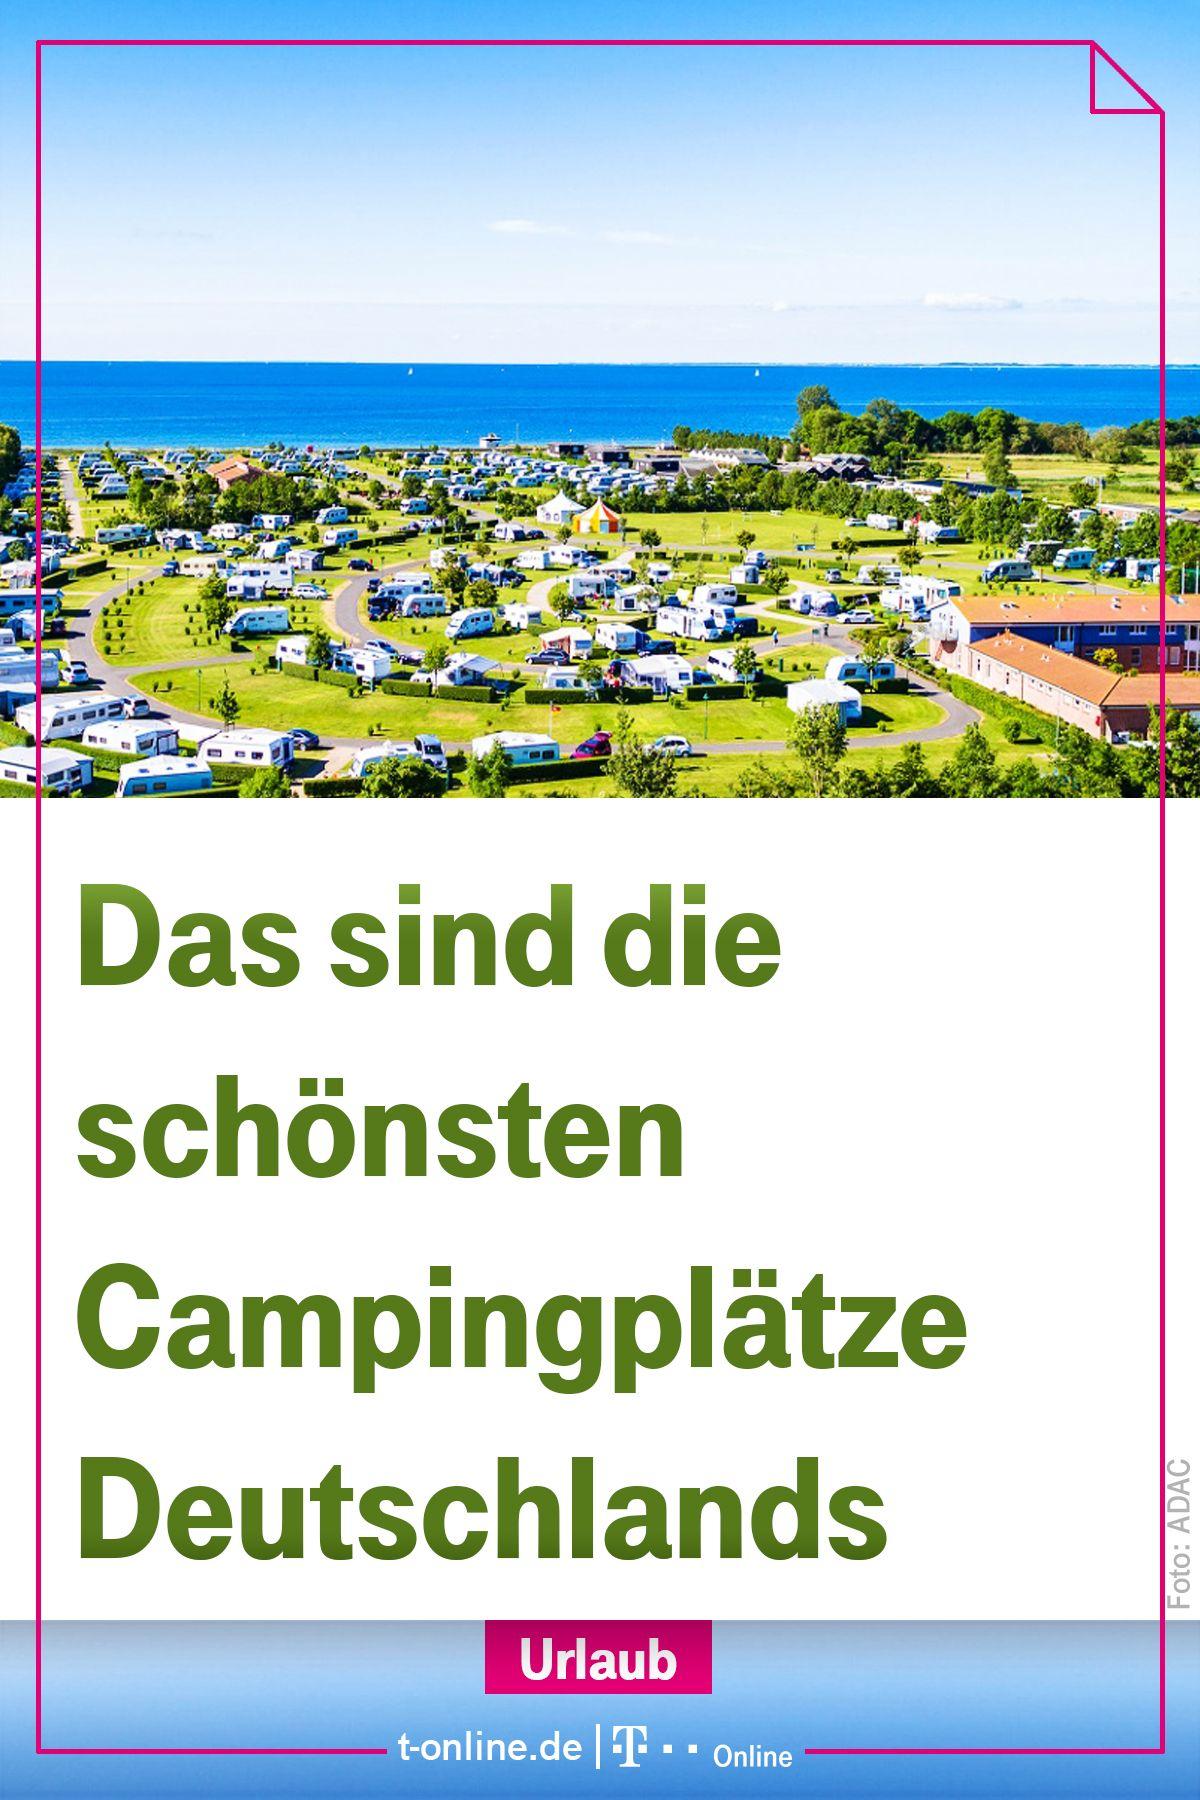 Das sind die schönsten Campingsplätze Deutschlands. #reise #urlaub #camping